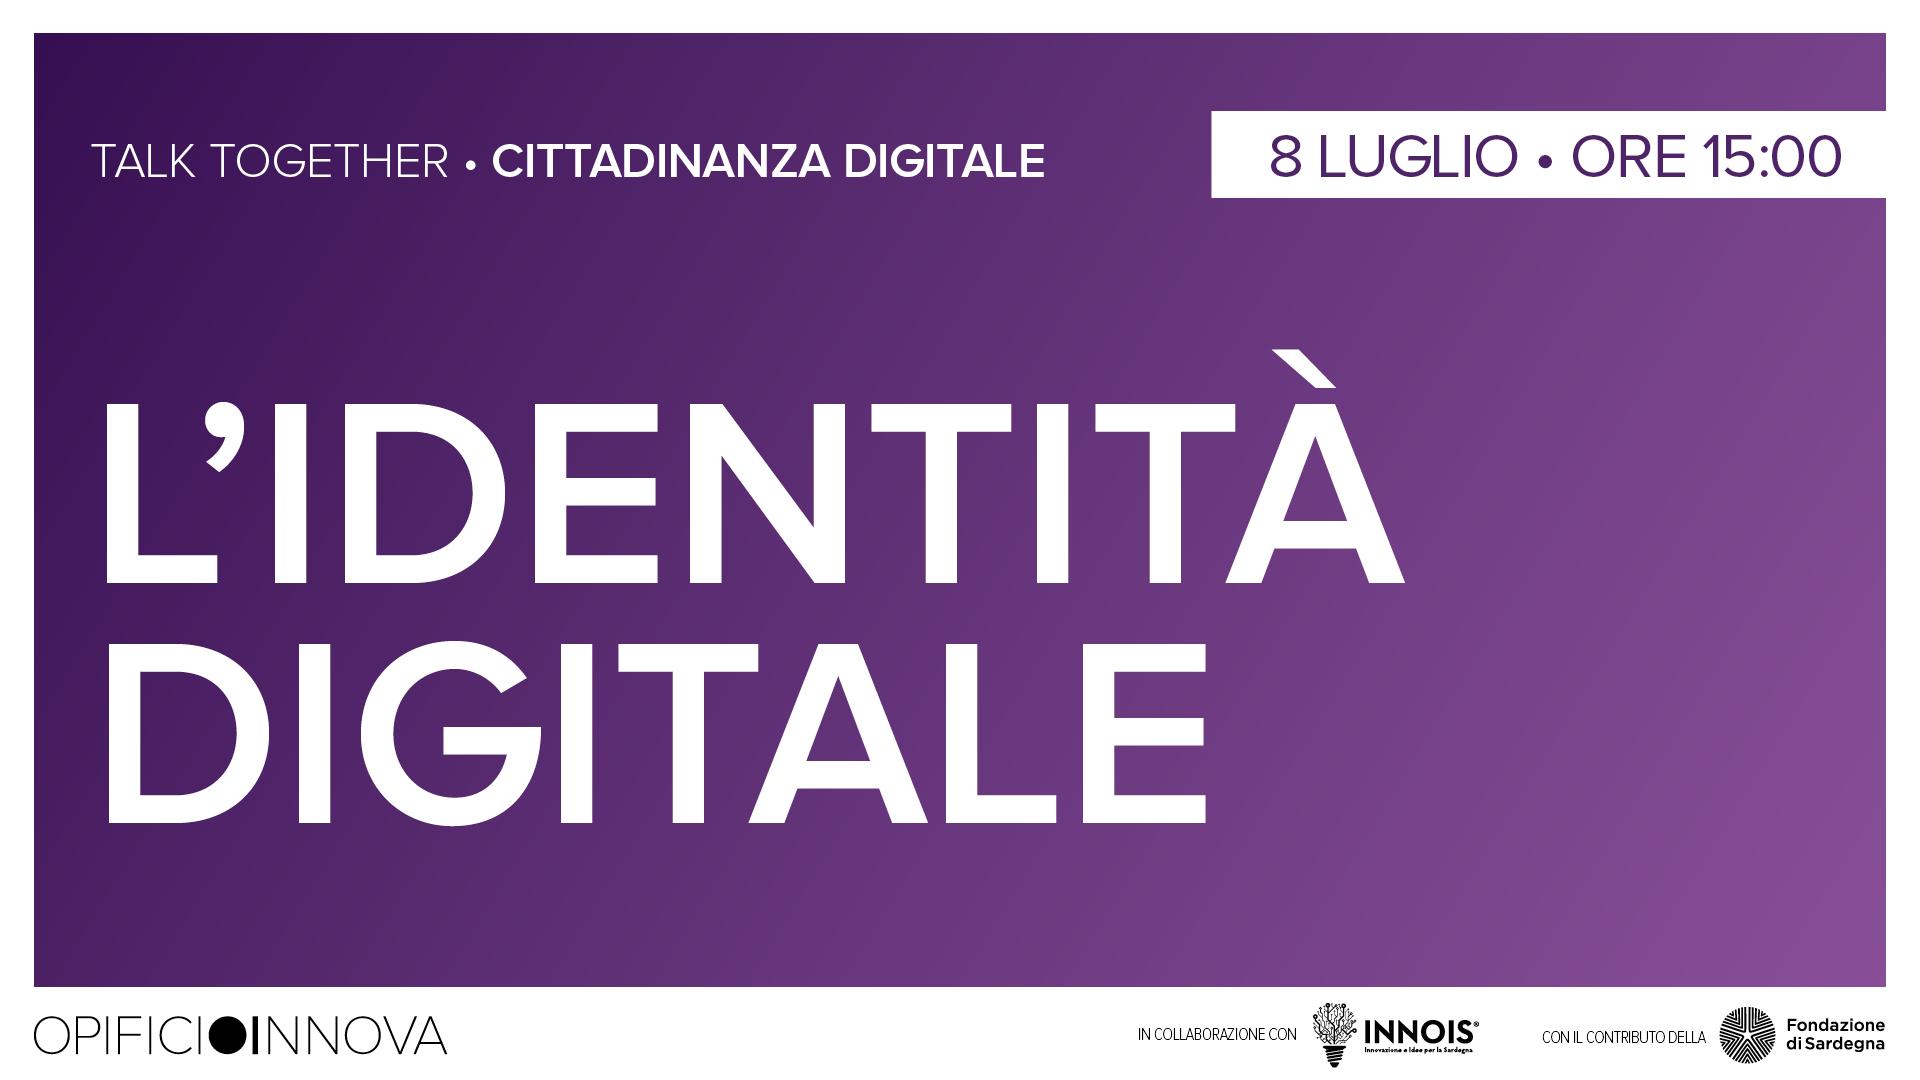 L'identità digitale </br>08-07-2021 ore 15:00